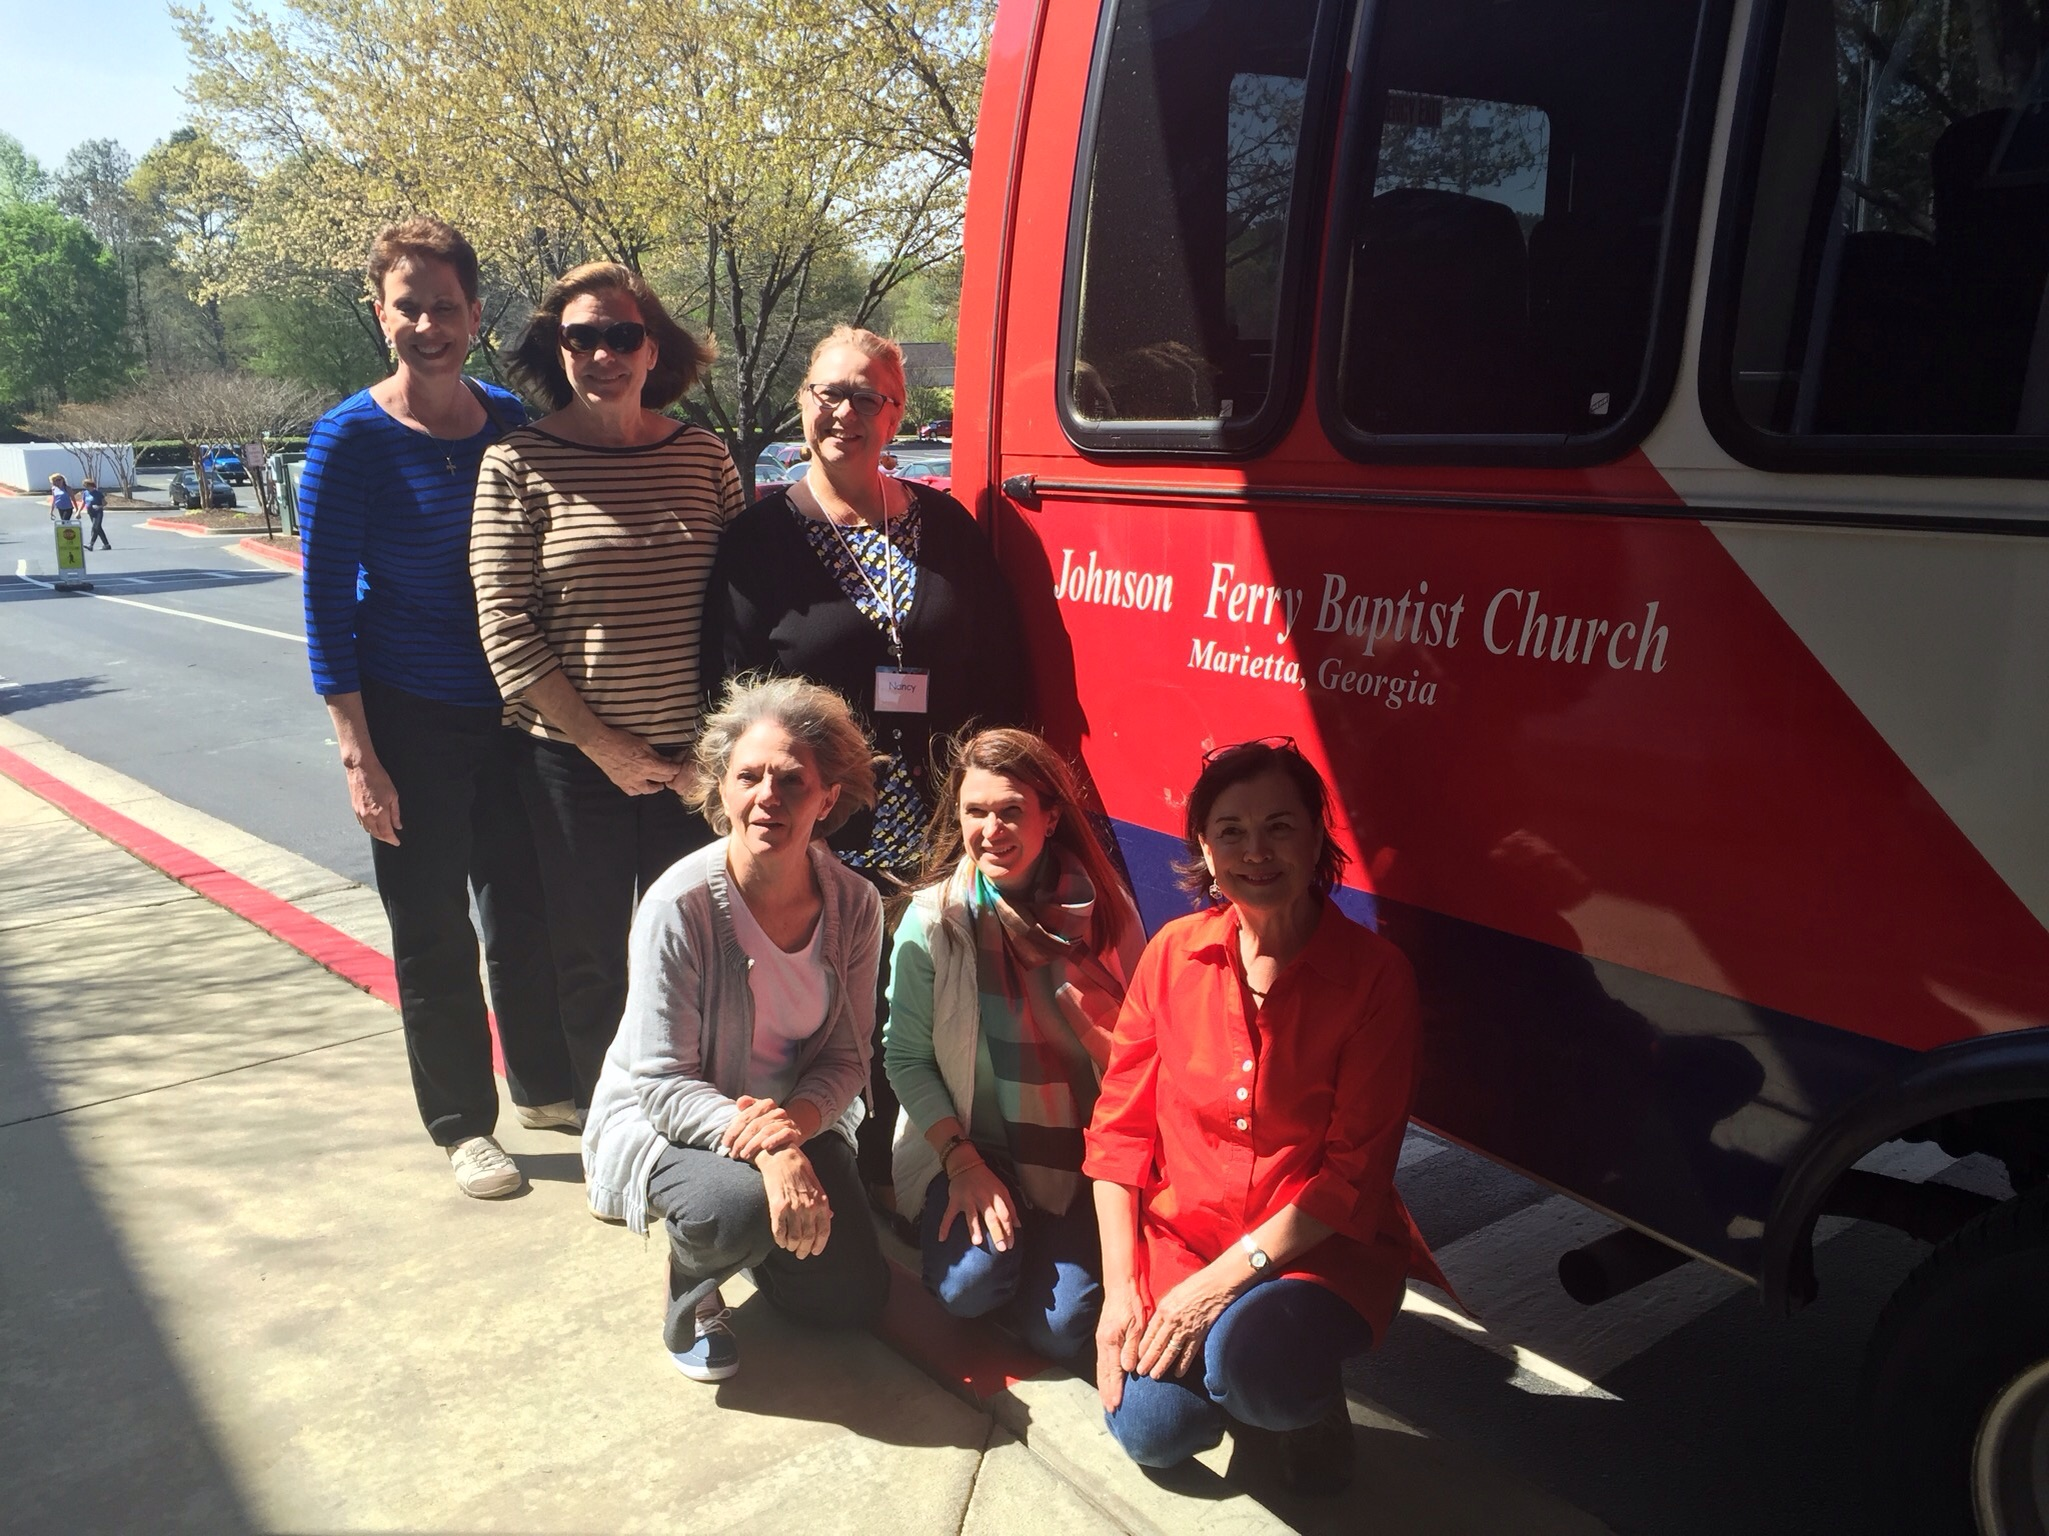 Team members: Debbie A., Debbie T., Nancy, Barbara, Ashlee, Claire